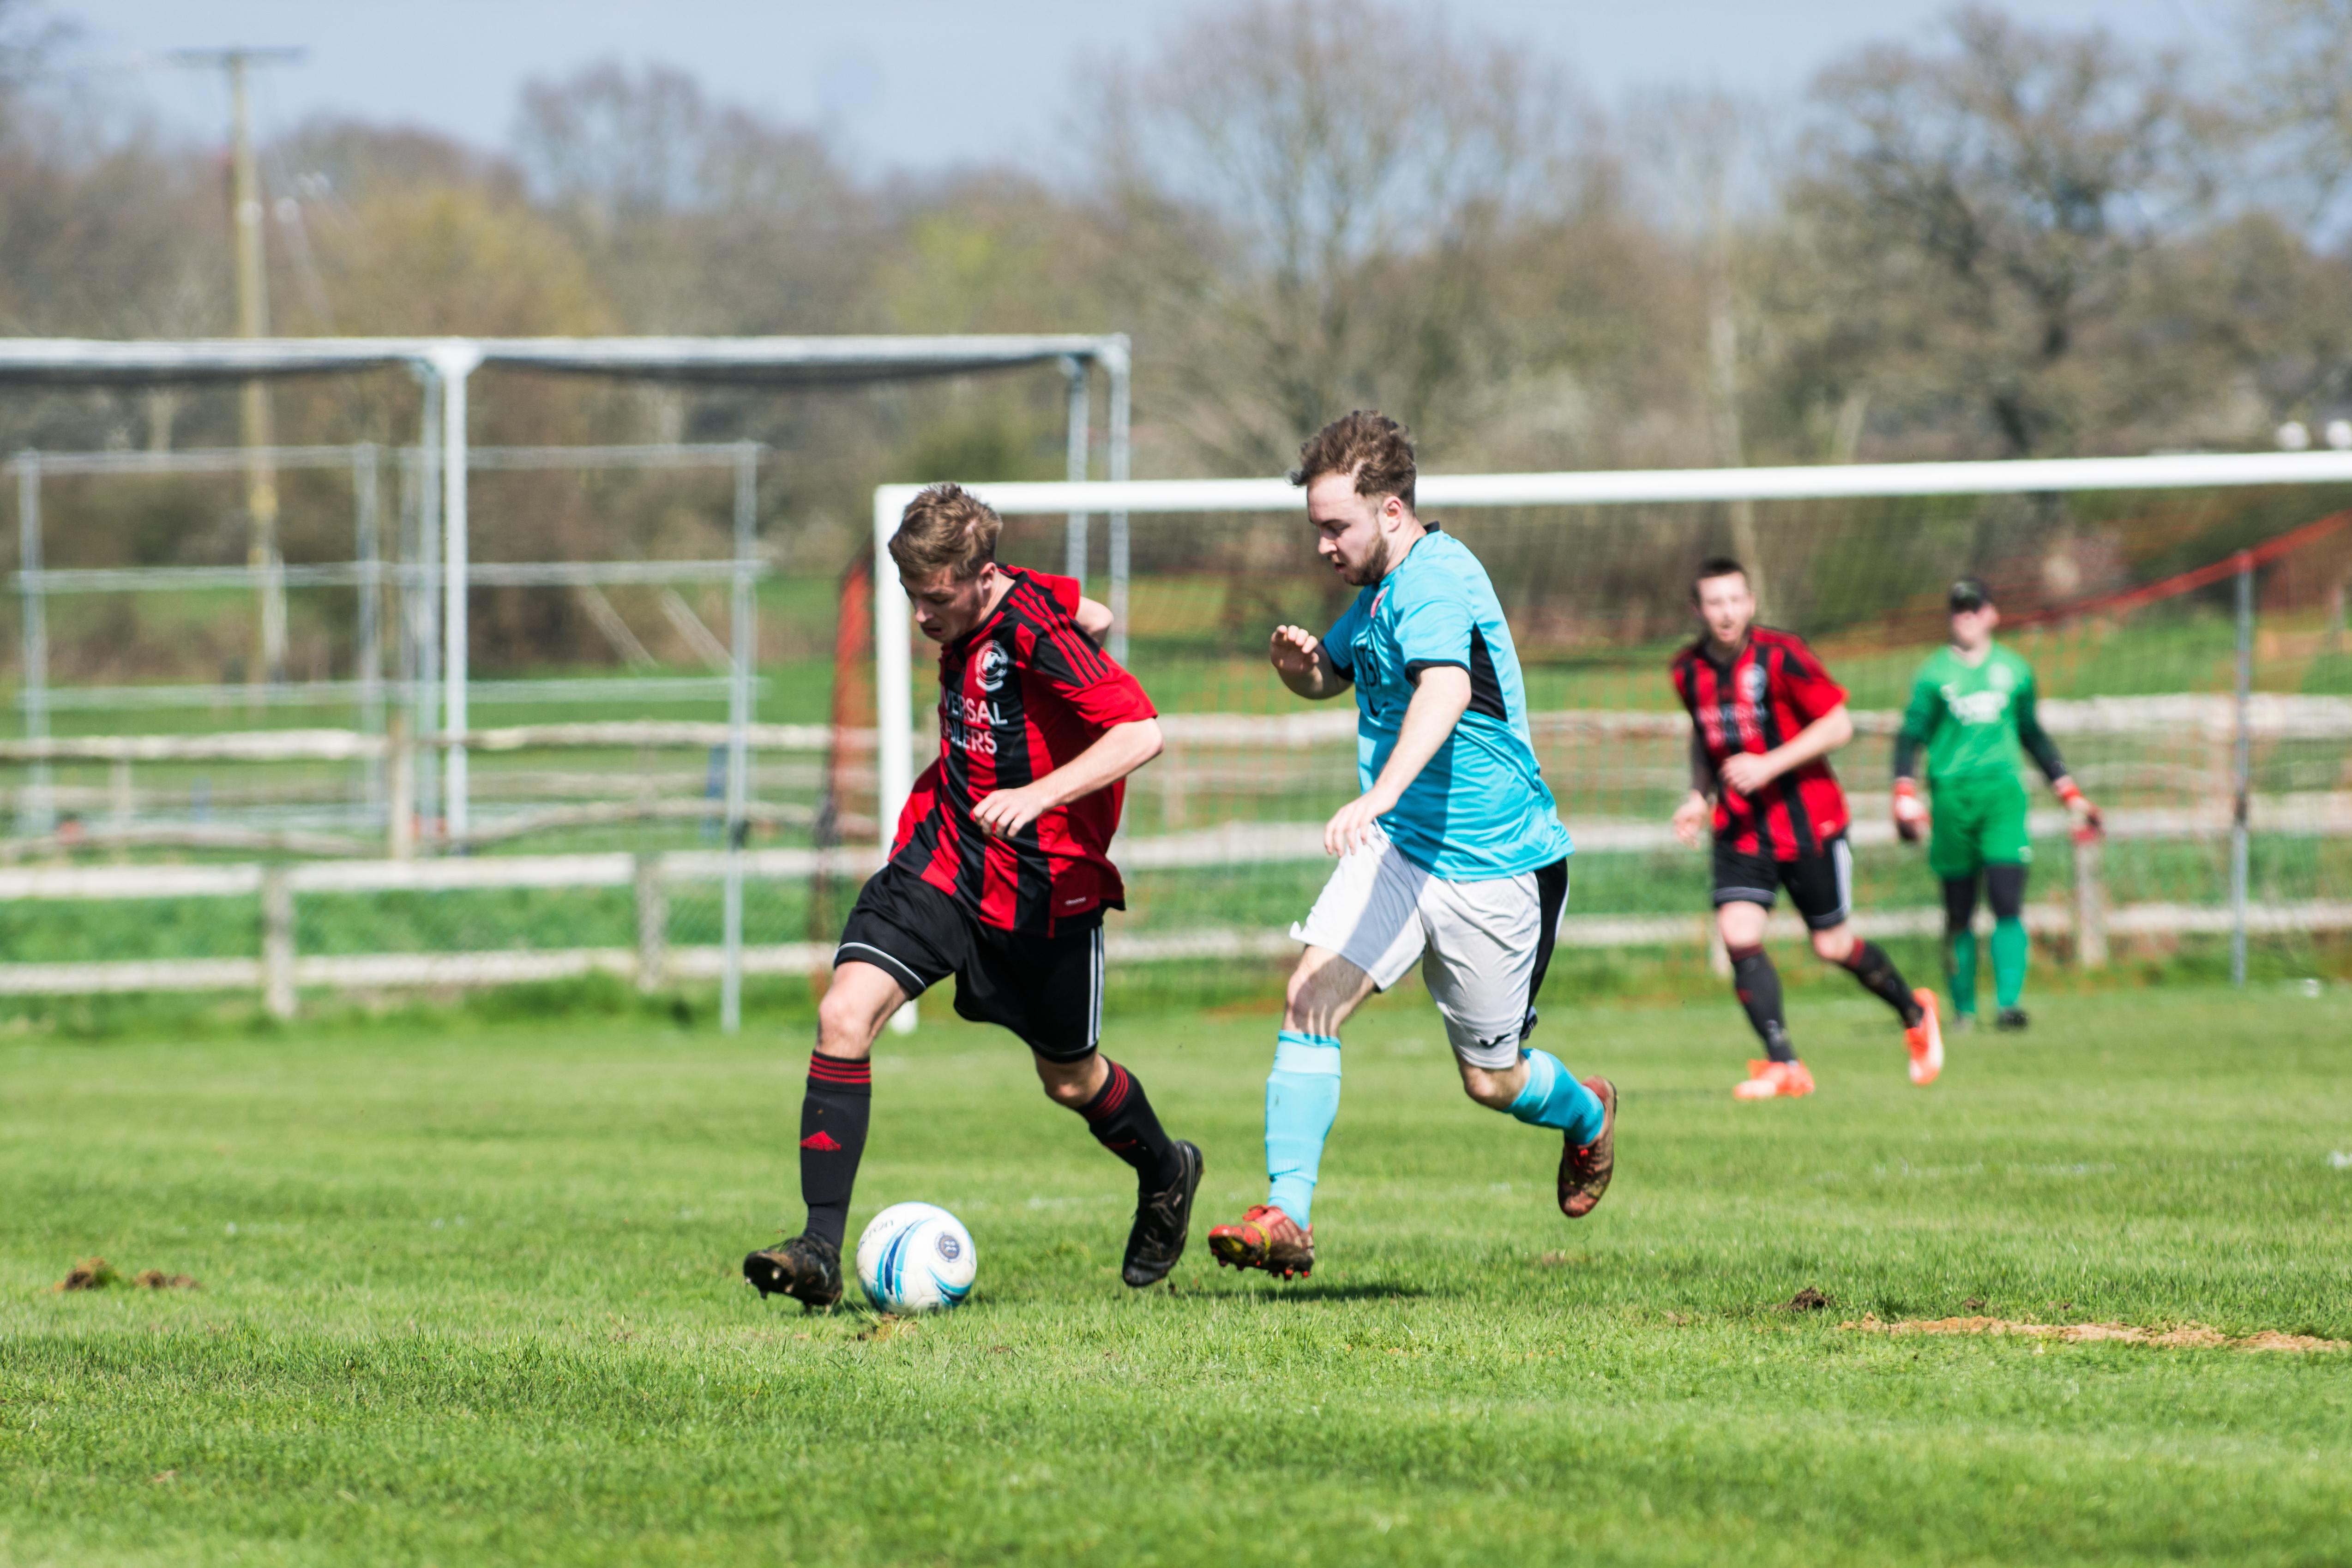 DAVID_JEFFERY Billingshurst FC vs AFC Varndeanians 14.04.18 33